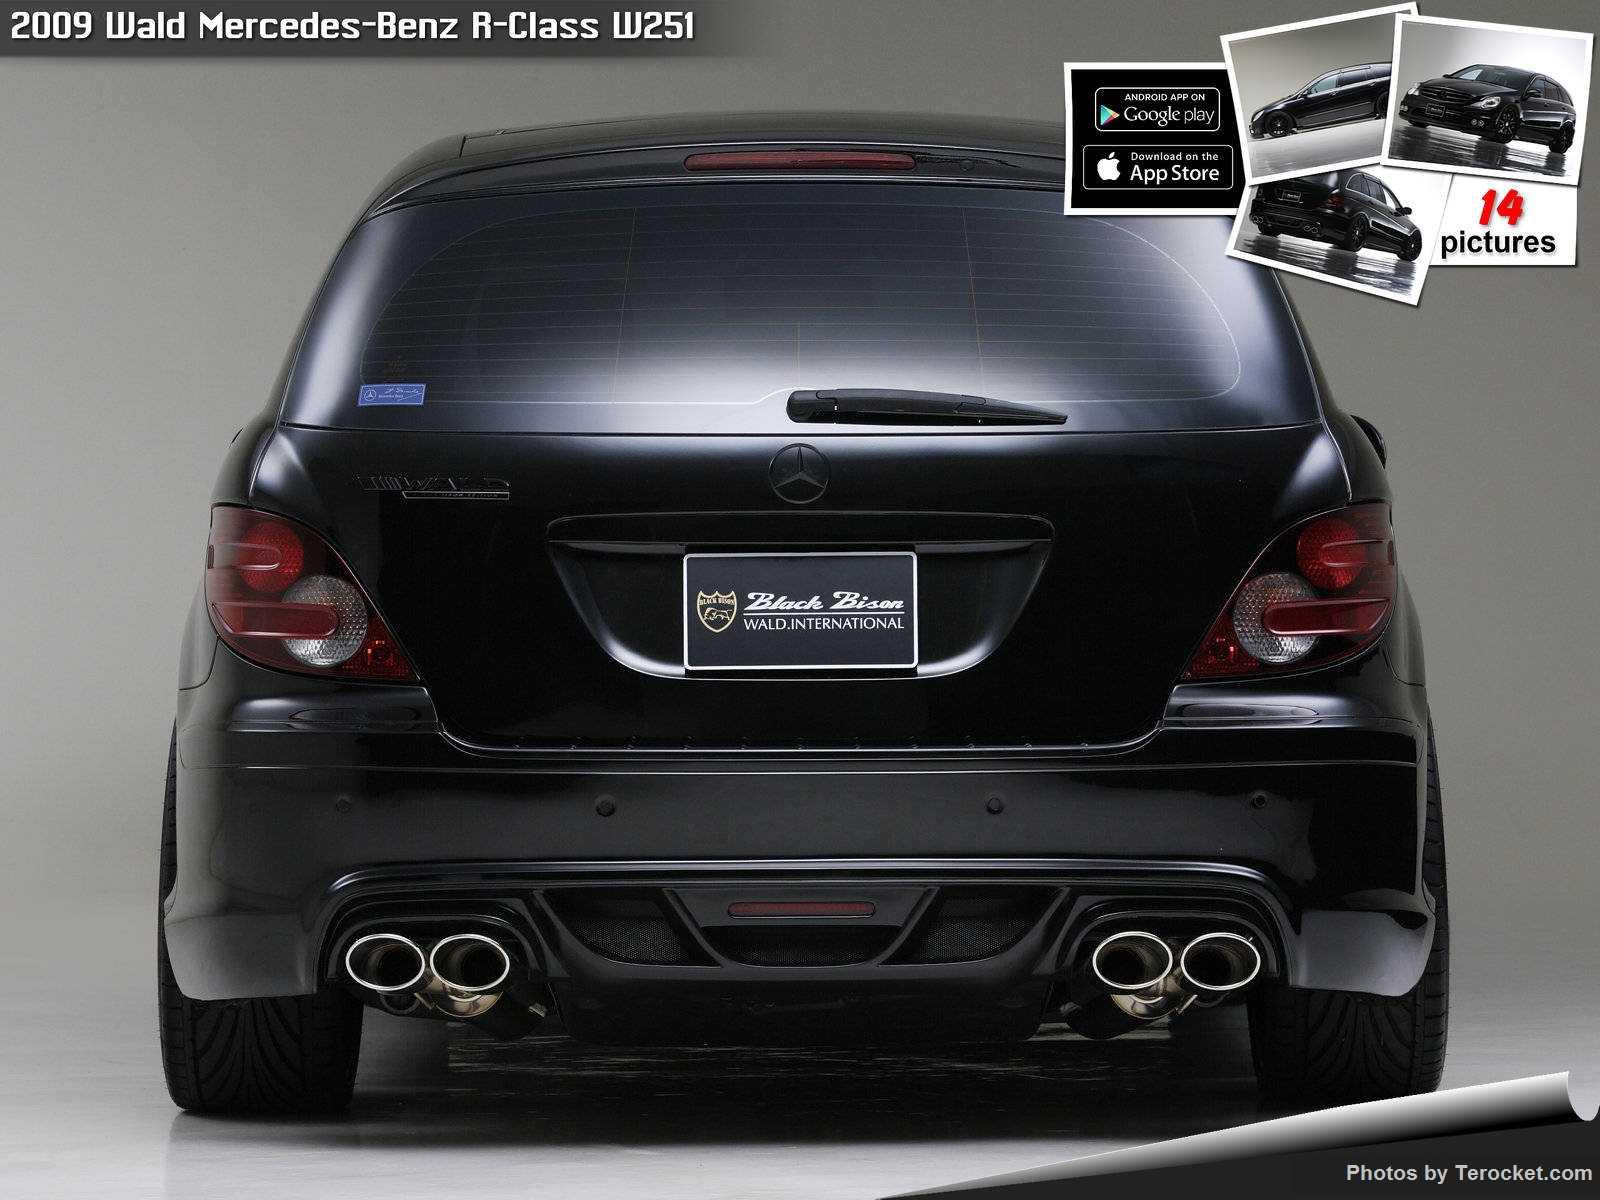 Hình ảnh xe độ Wald Mercedes-Benz R-Class W251 2009 & nội ngoại thất